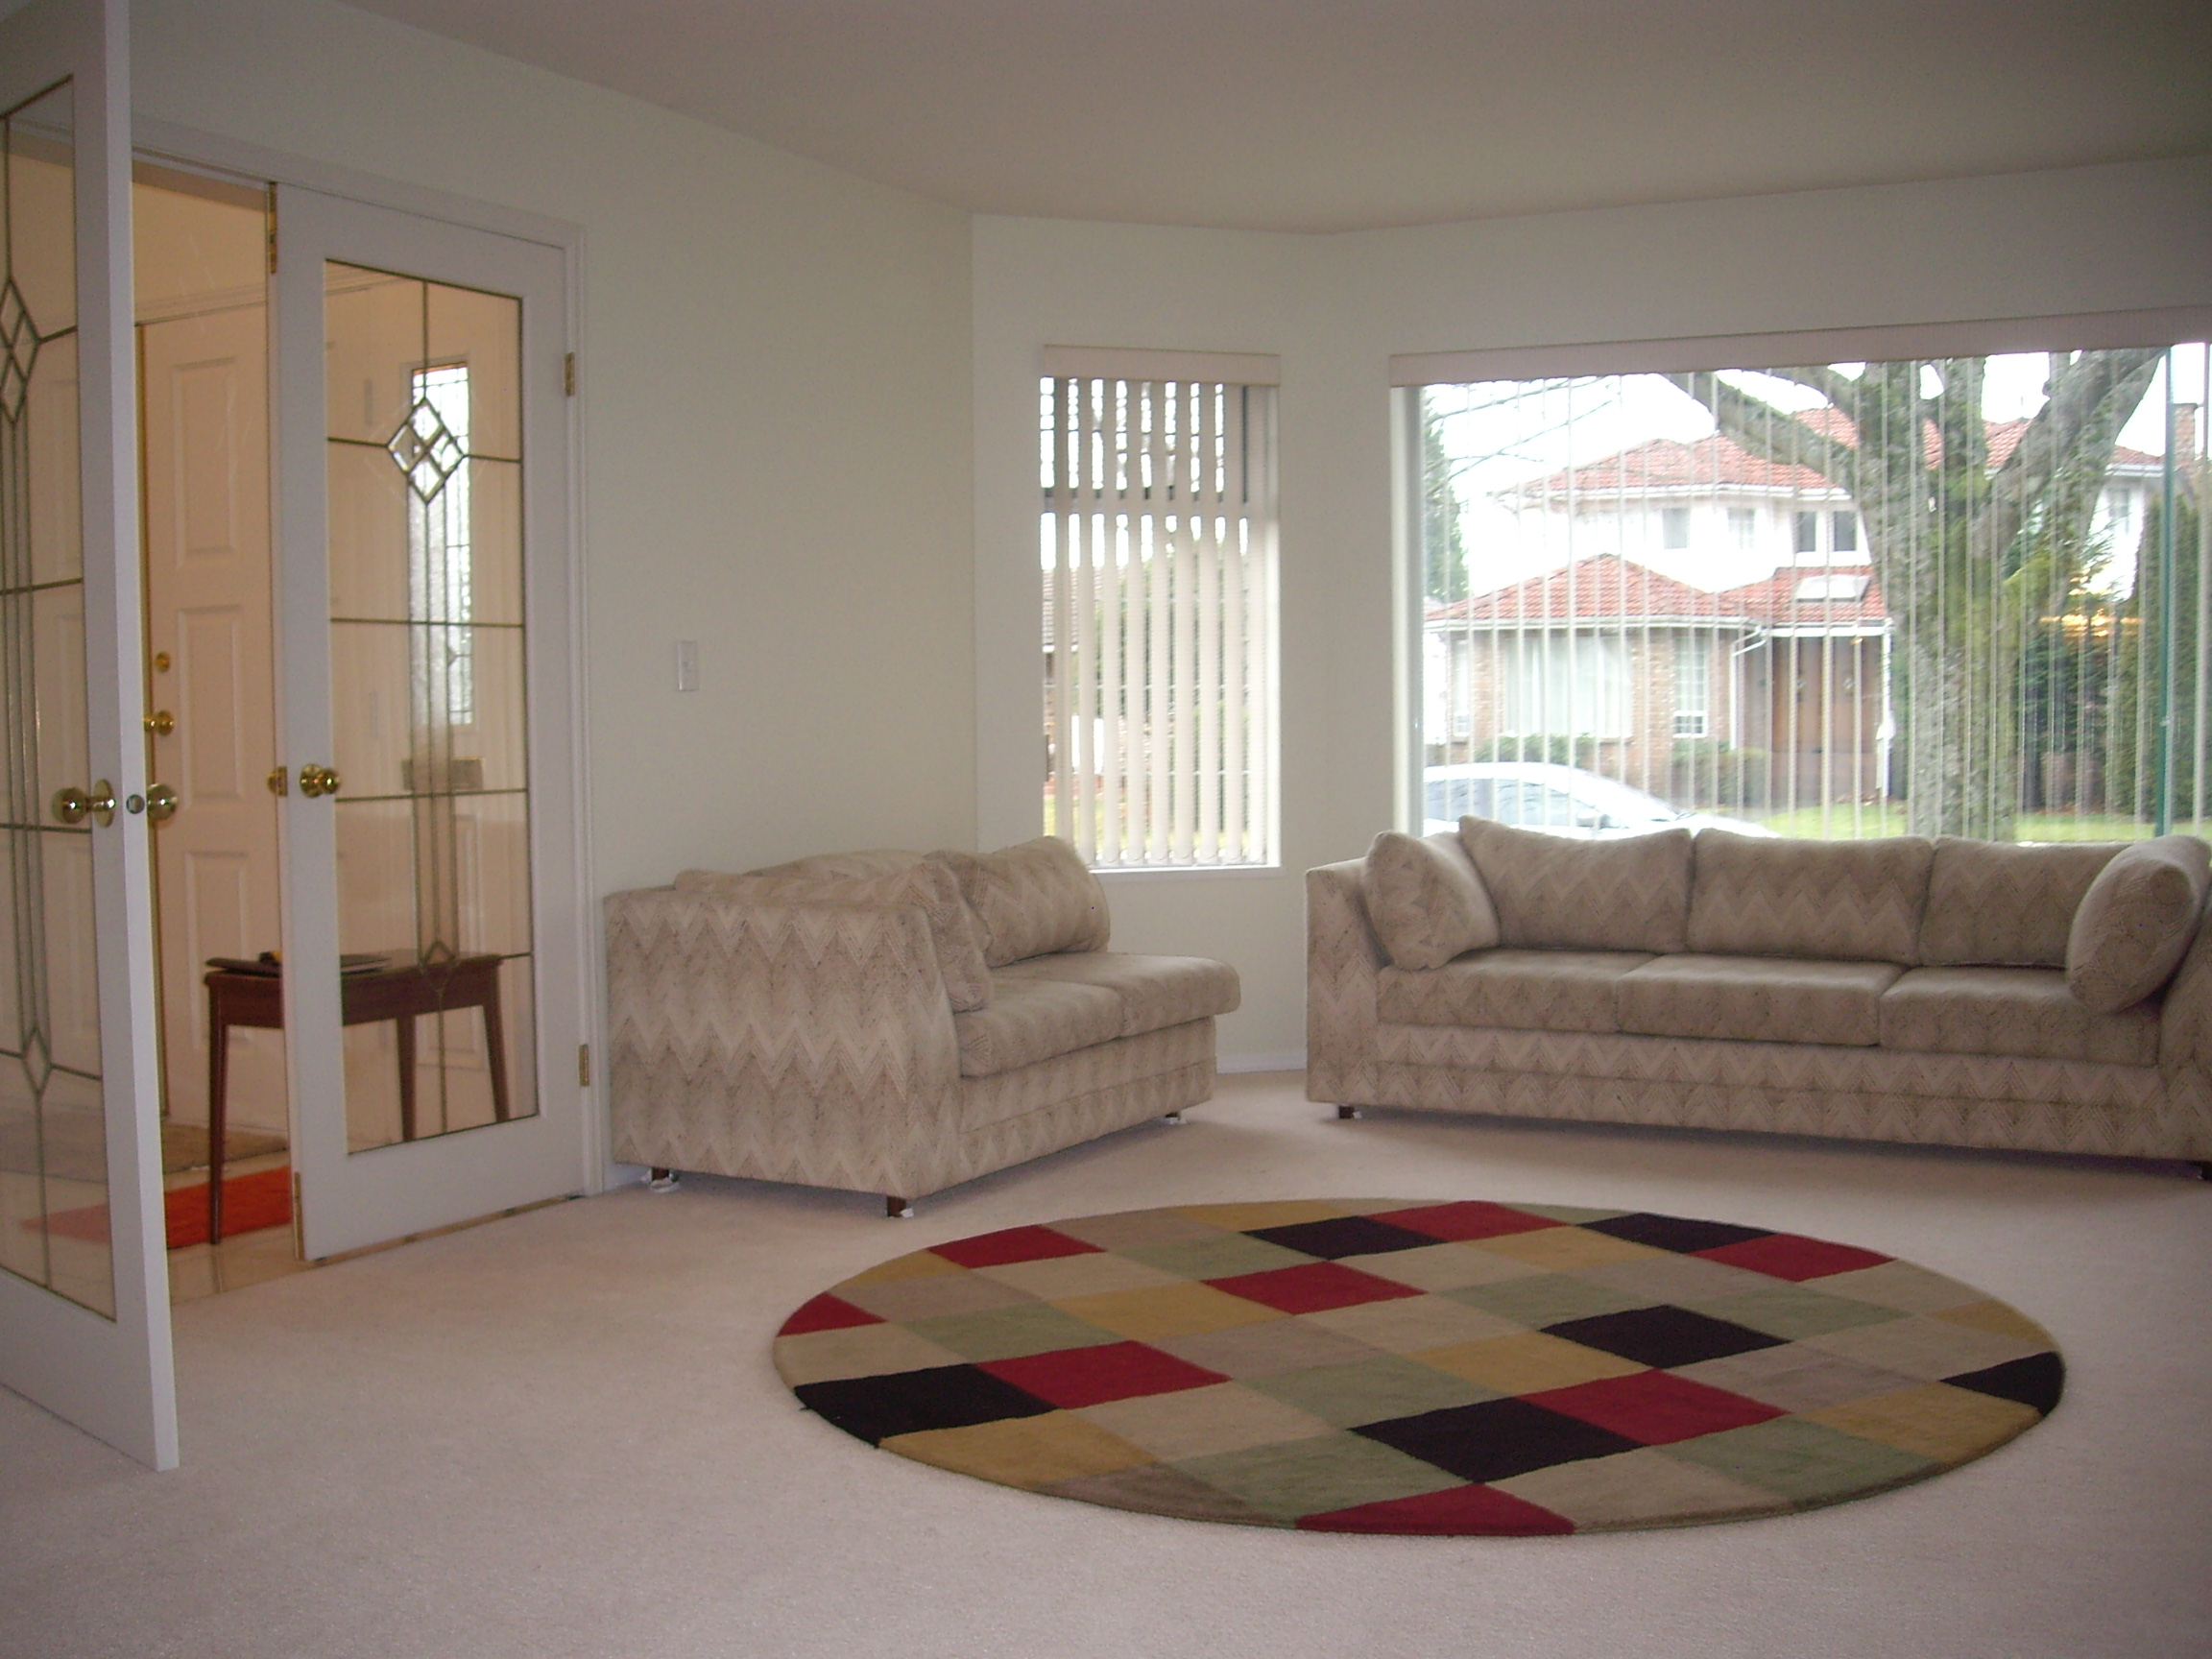 Living room anthony tseng for Living room of satoshi reddit